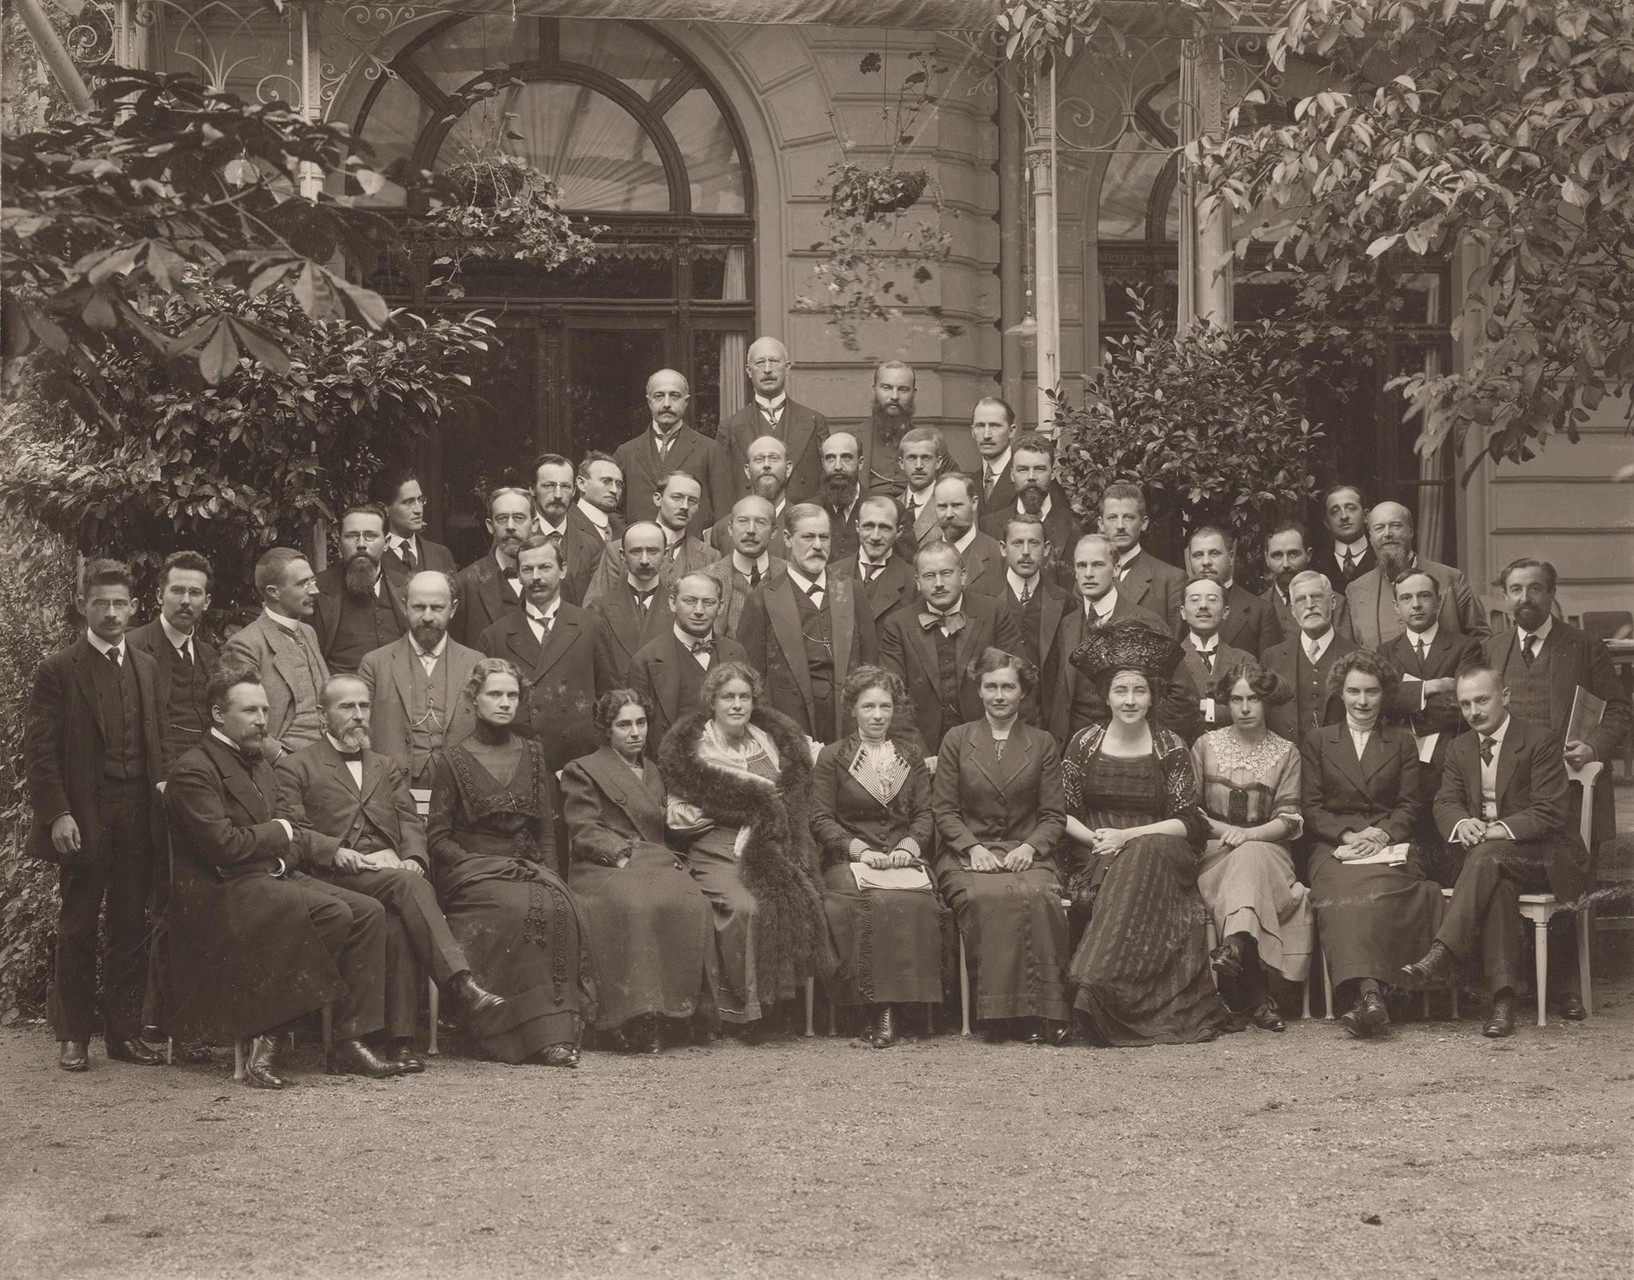 Photographie du congrès international du mouvement psychanalytique de 1911 à Weimar en Allemagne